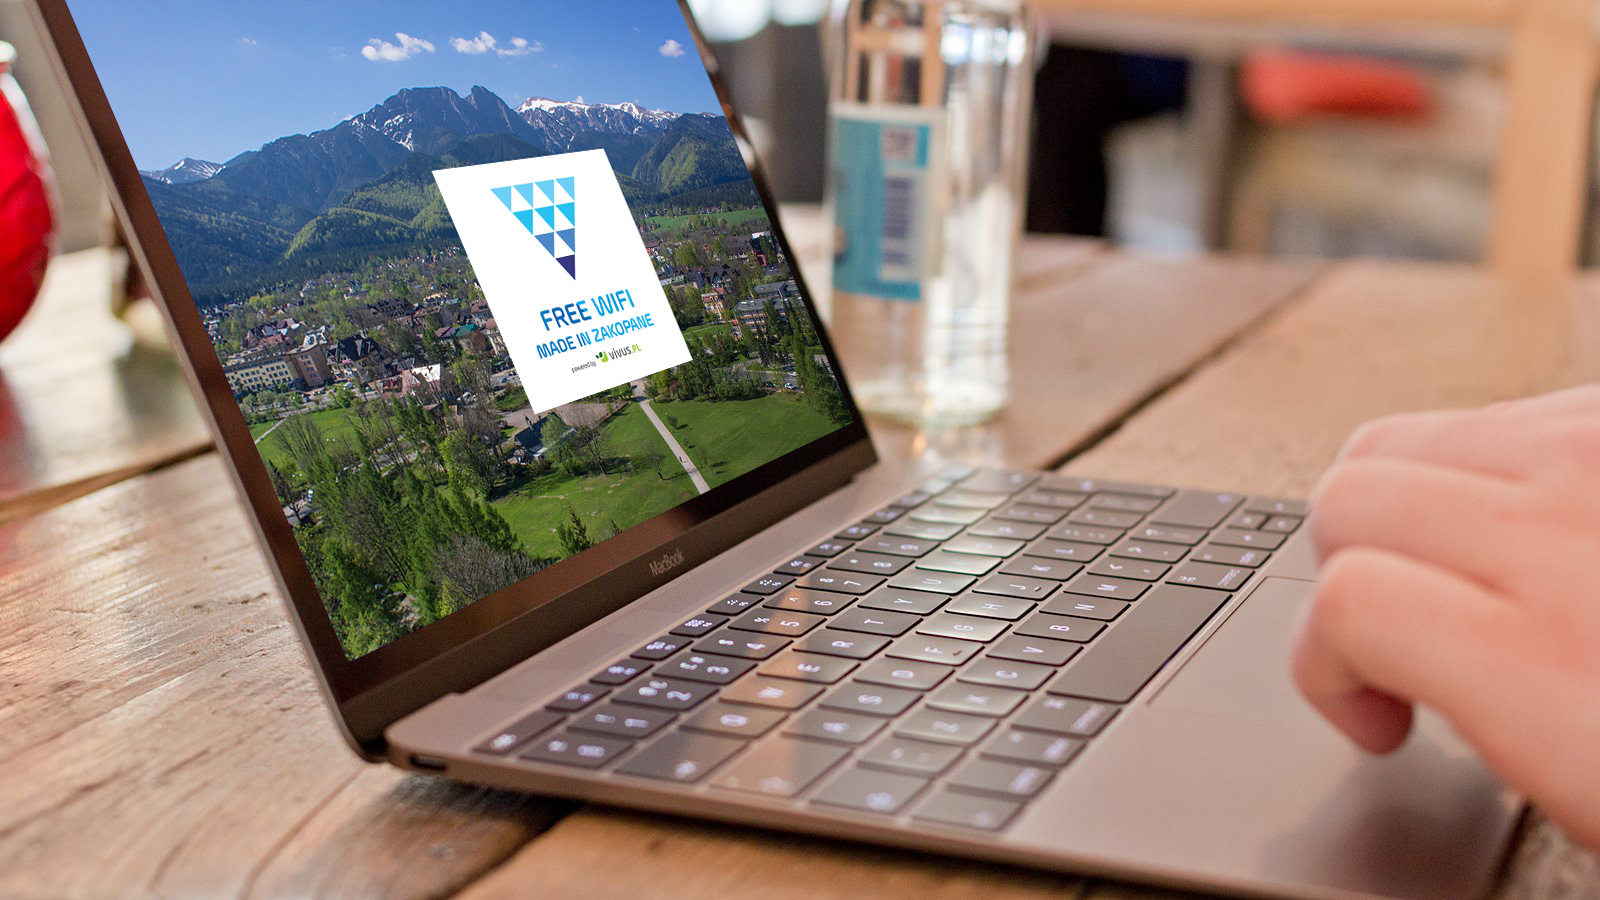 Projekt Free WiFi uruchomiony na Krupówkach